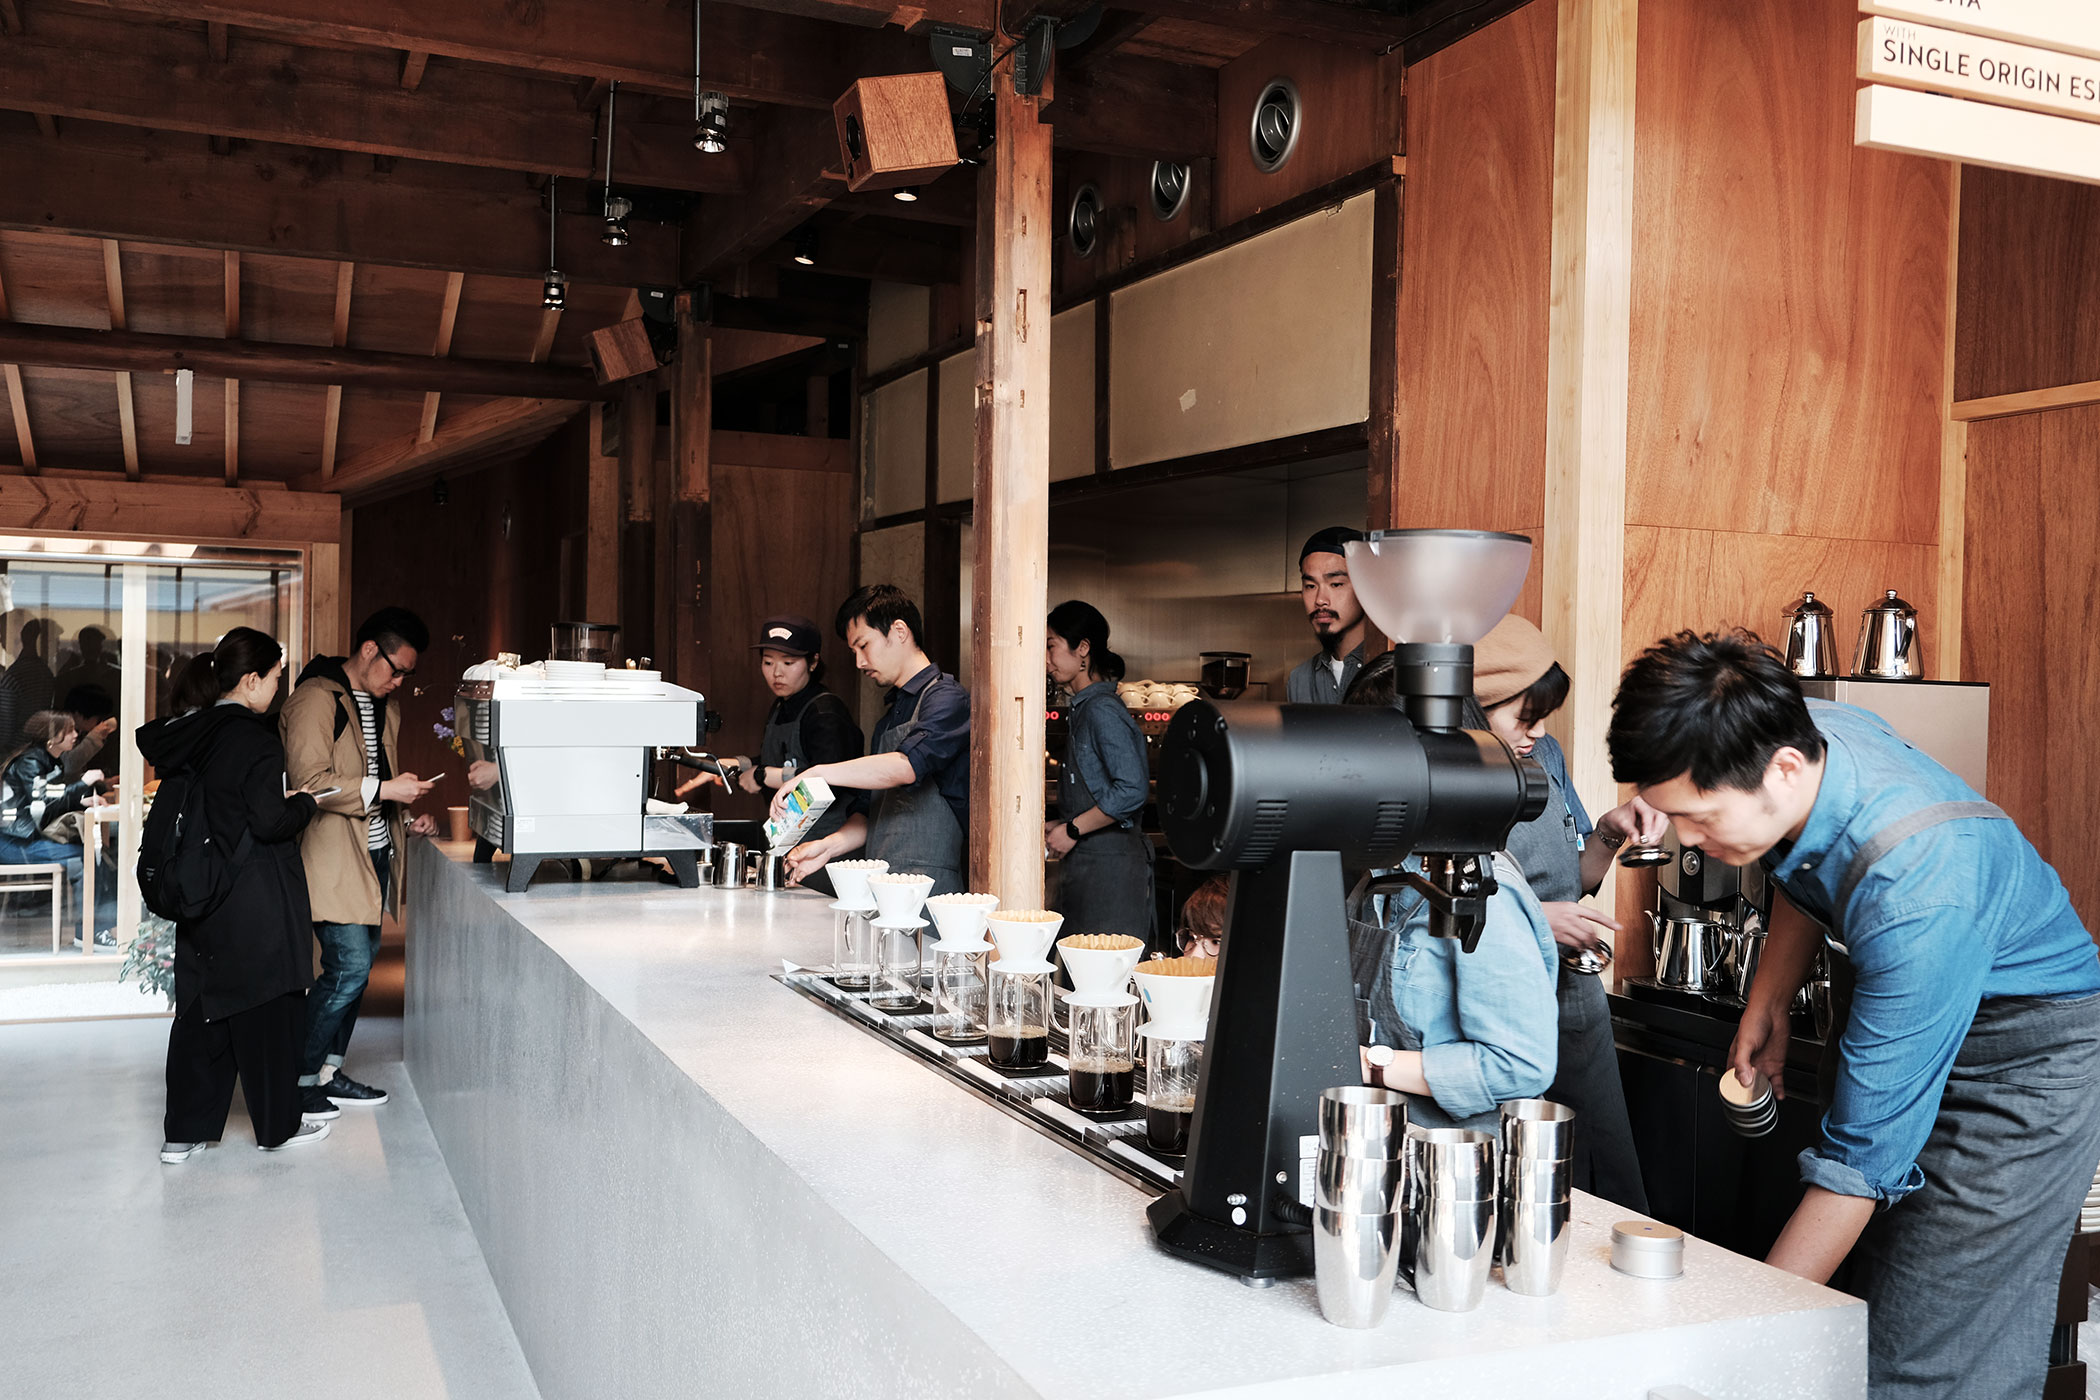 待望の初出店!ブルーボトルコーヒーの関西第一号は京都の南禅寺に ブルーボトルコーヒー 京都カフェ (BLUE BOTTLE COFFEE KYOTO) カウンター1